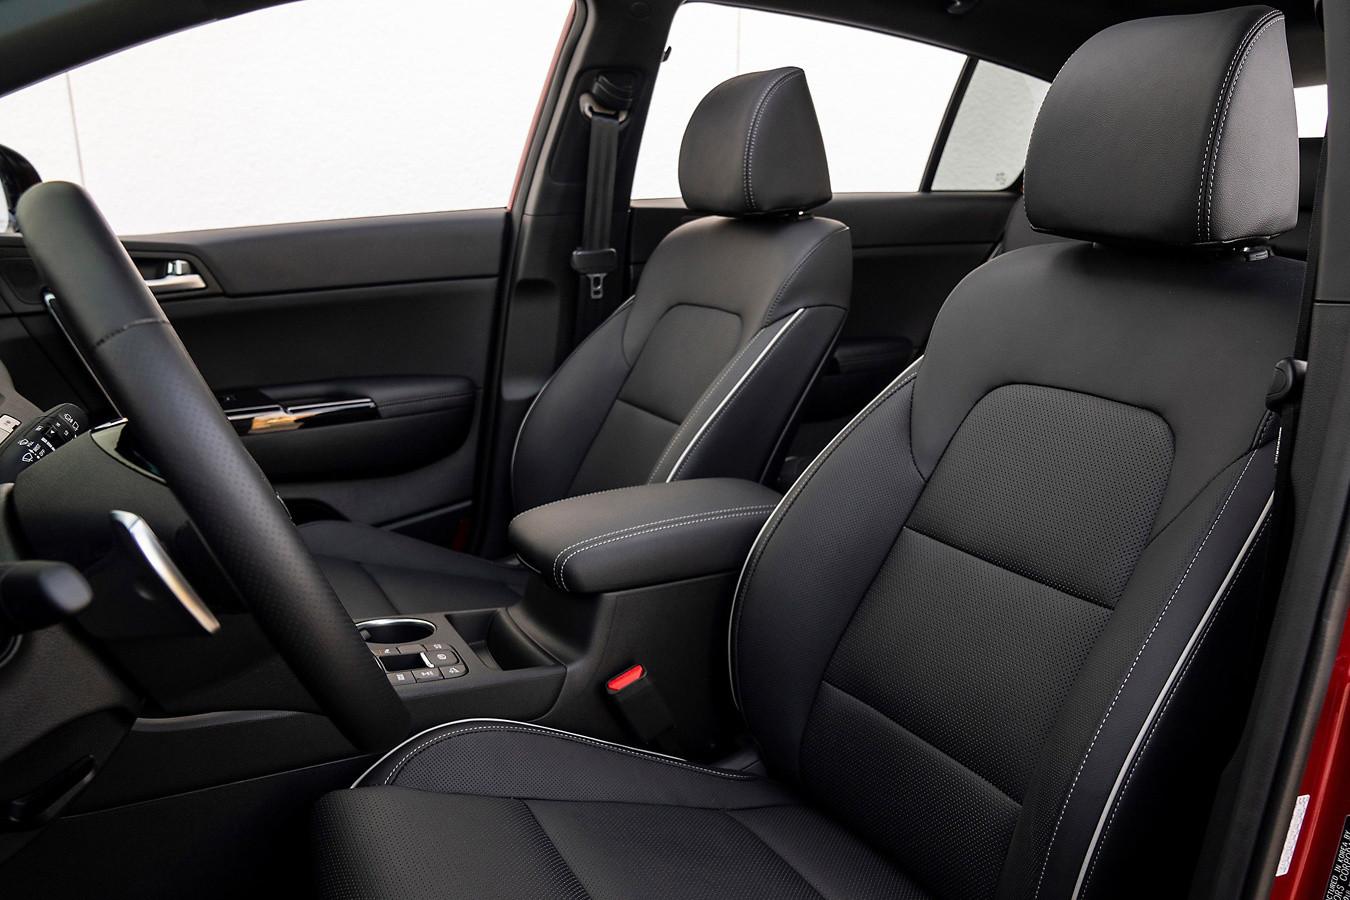 Spacious Seating in the 2020 Kia Sportage